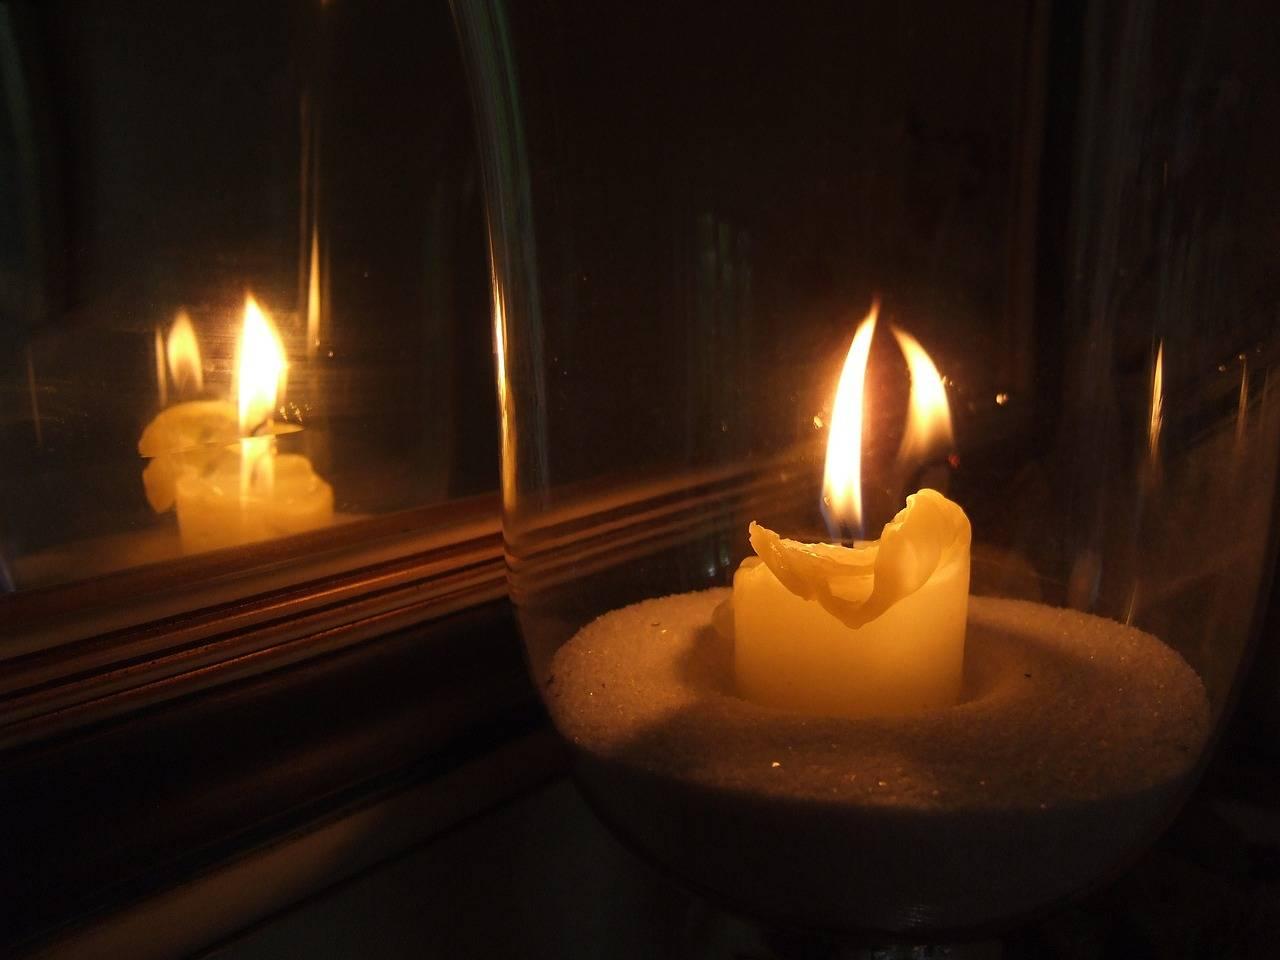 Гадания на свечах: как гадать на любовь, на будущее